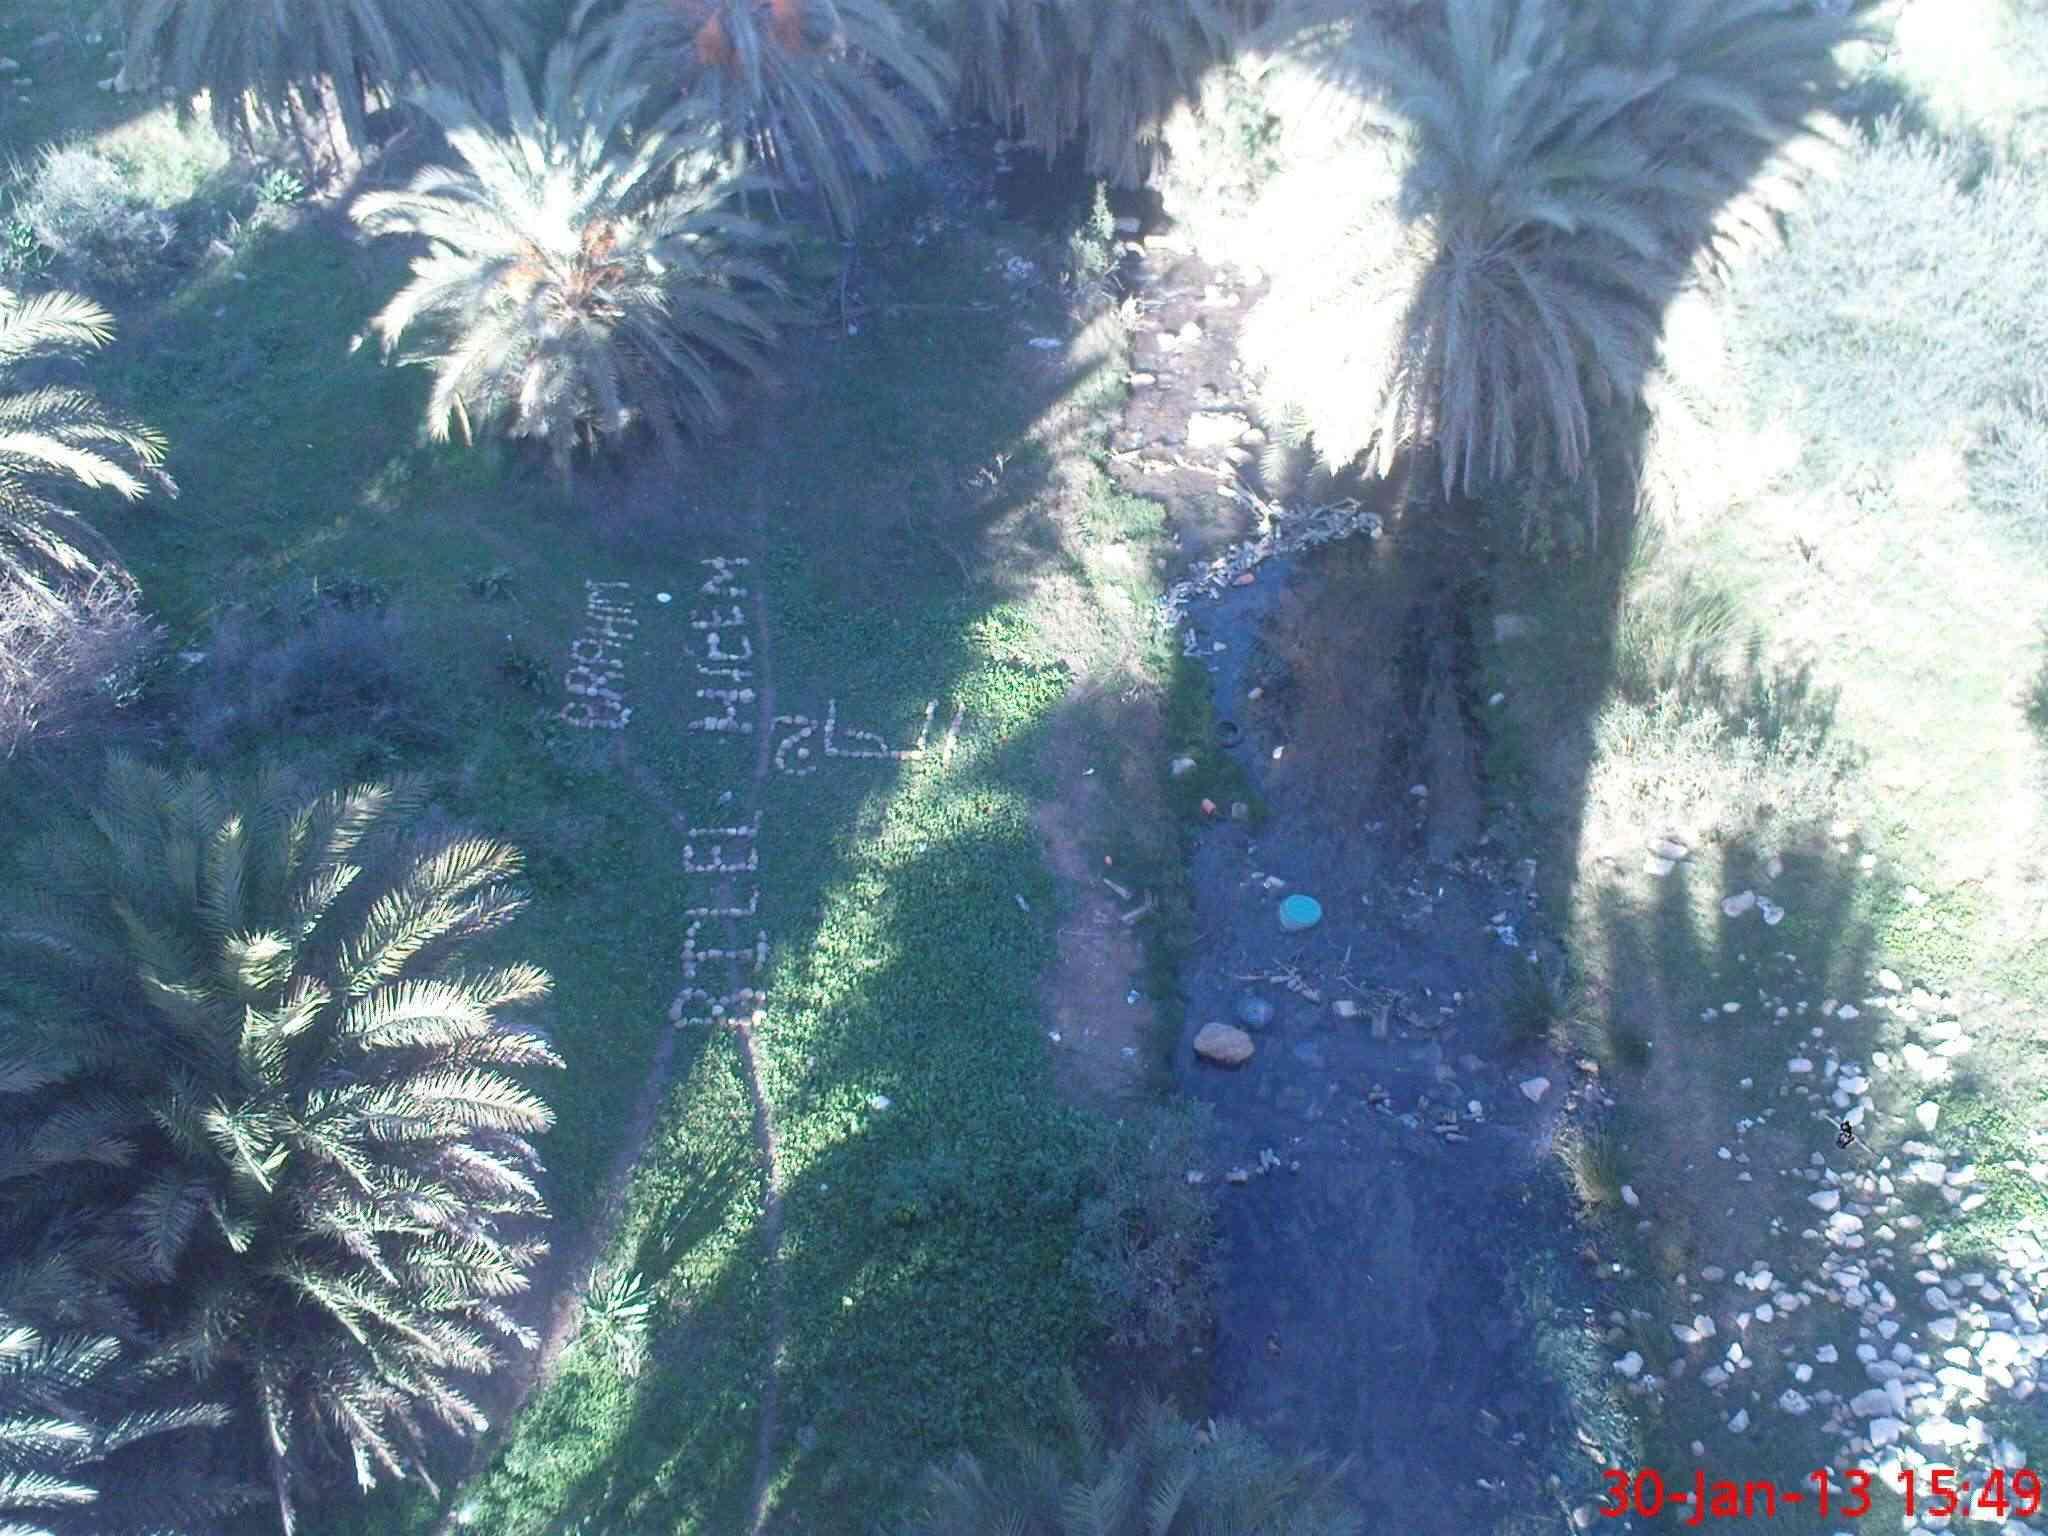 صور جديدة من حمام الشلالـة بولاية قالمـة Dsc02113